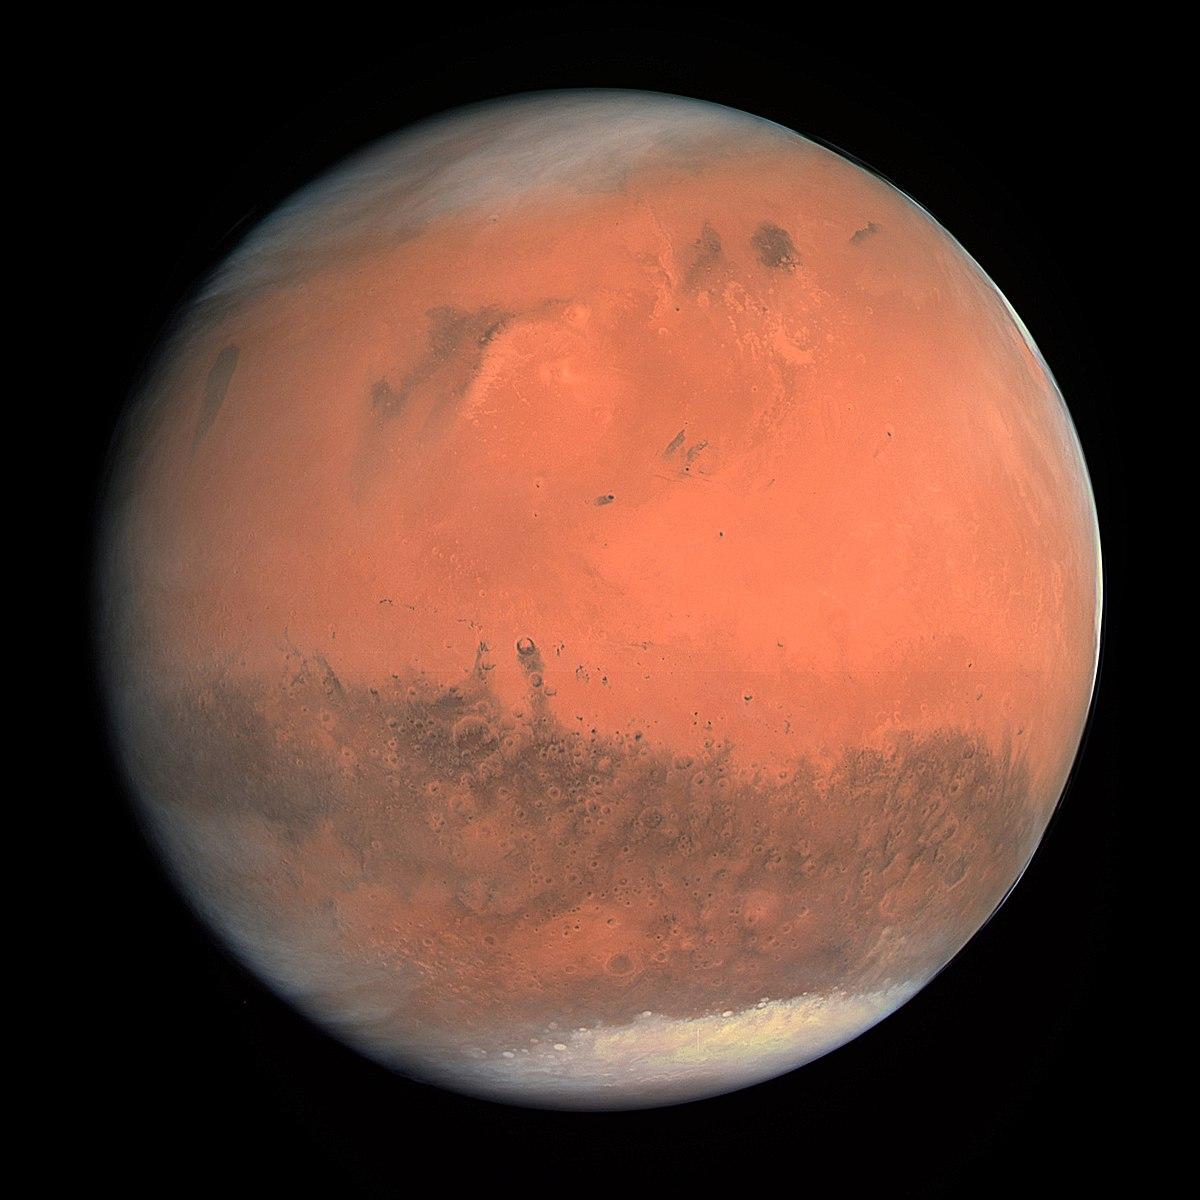 Kolejne dowody wskazuj± na to, ¿e na Marsie by³a kiedy¶ woda